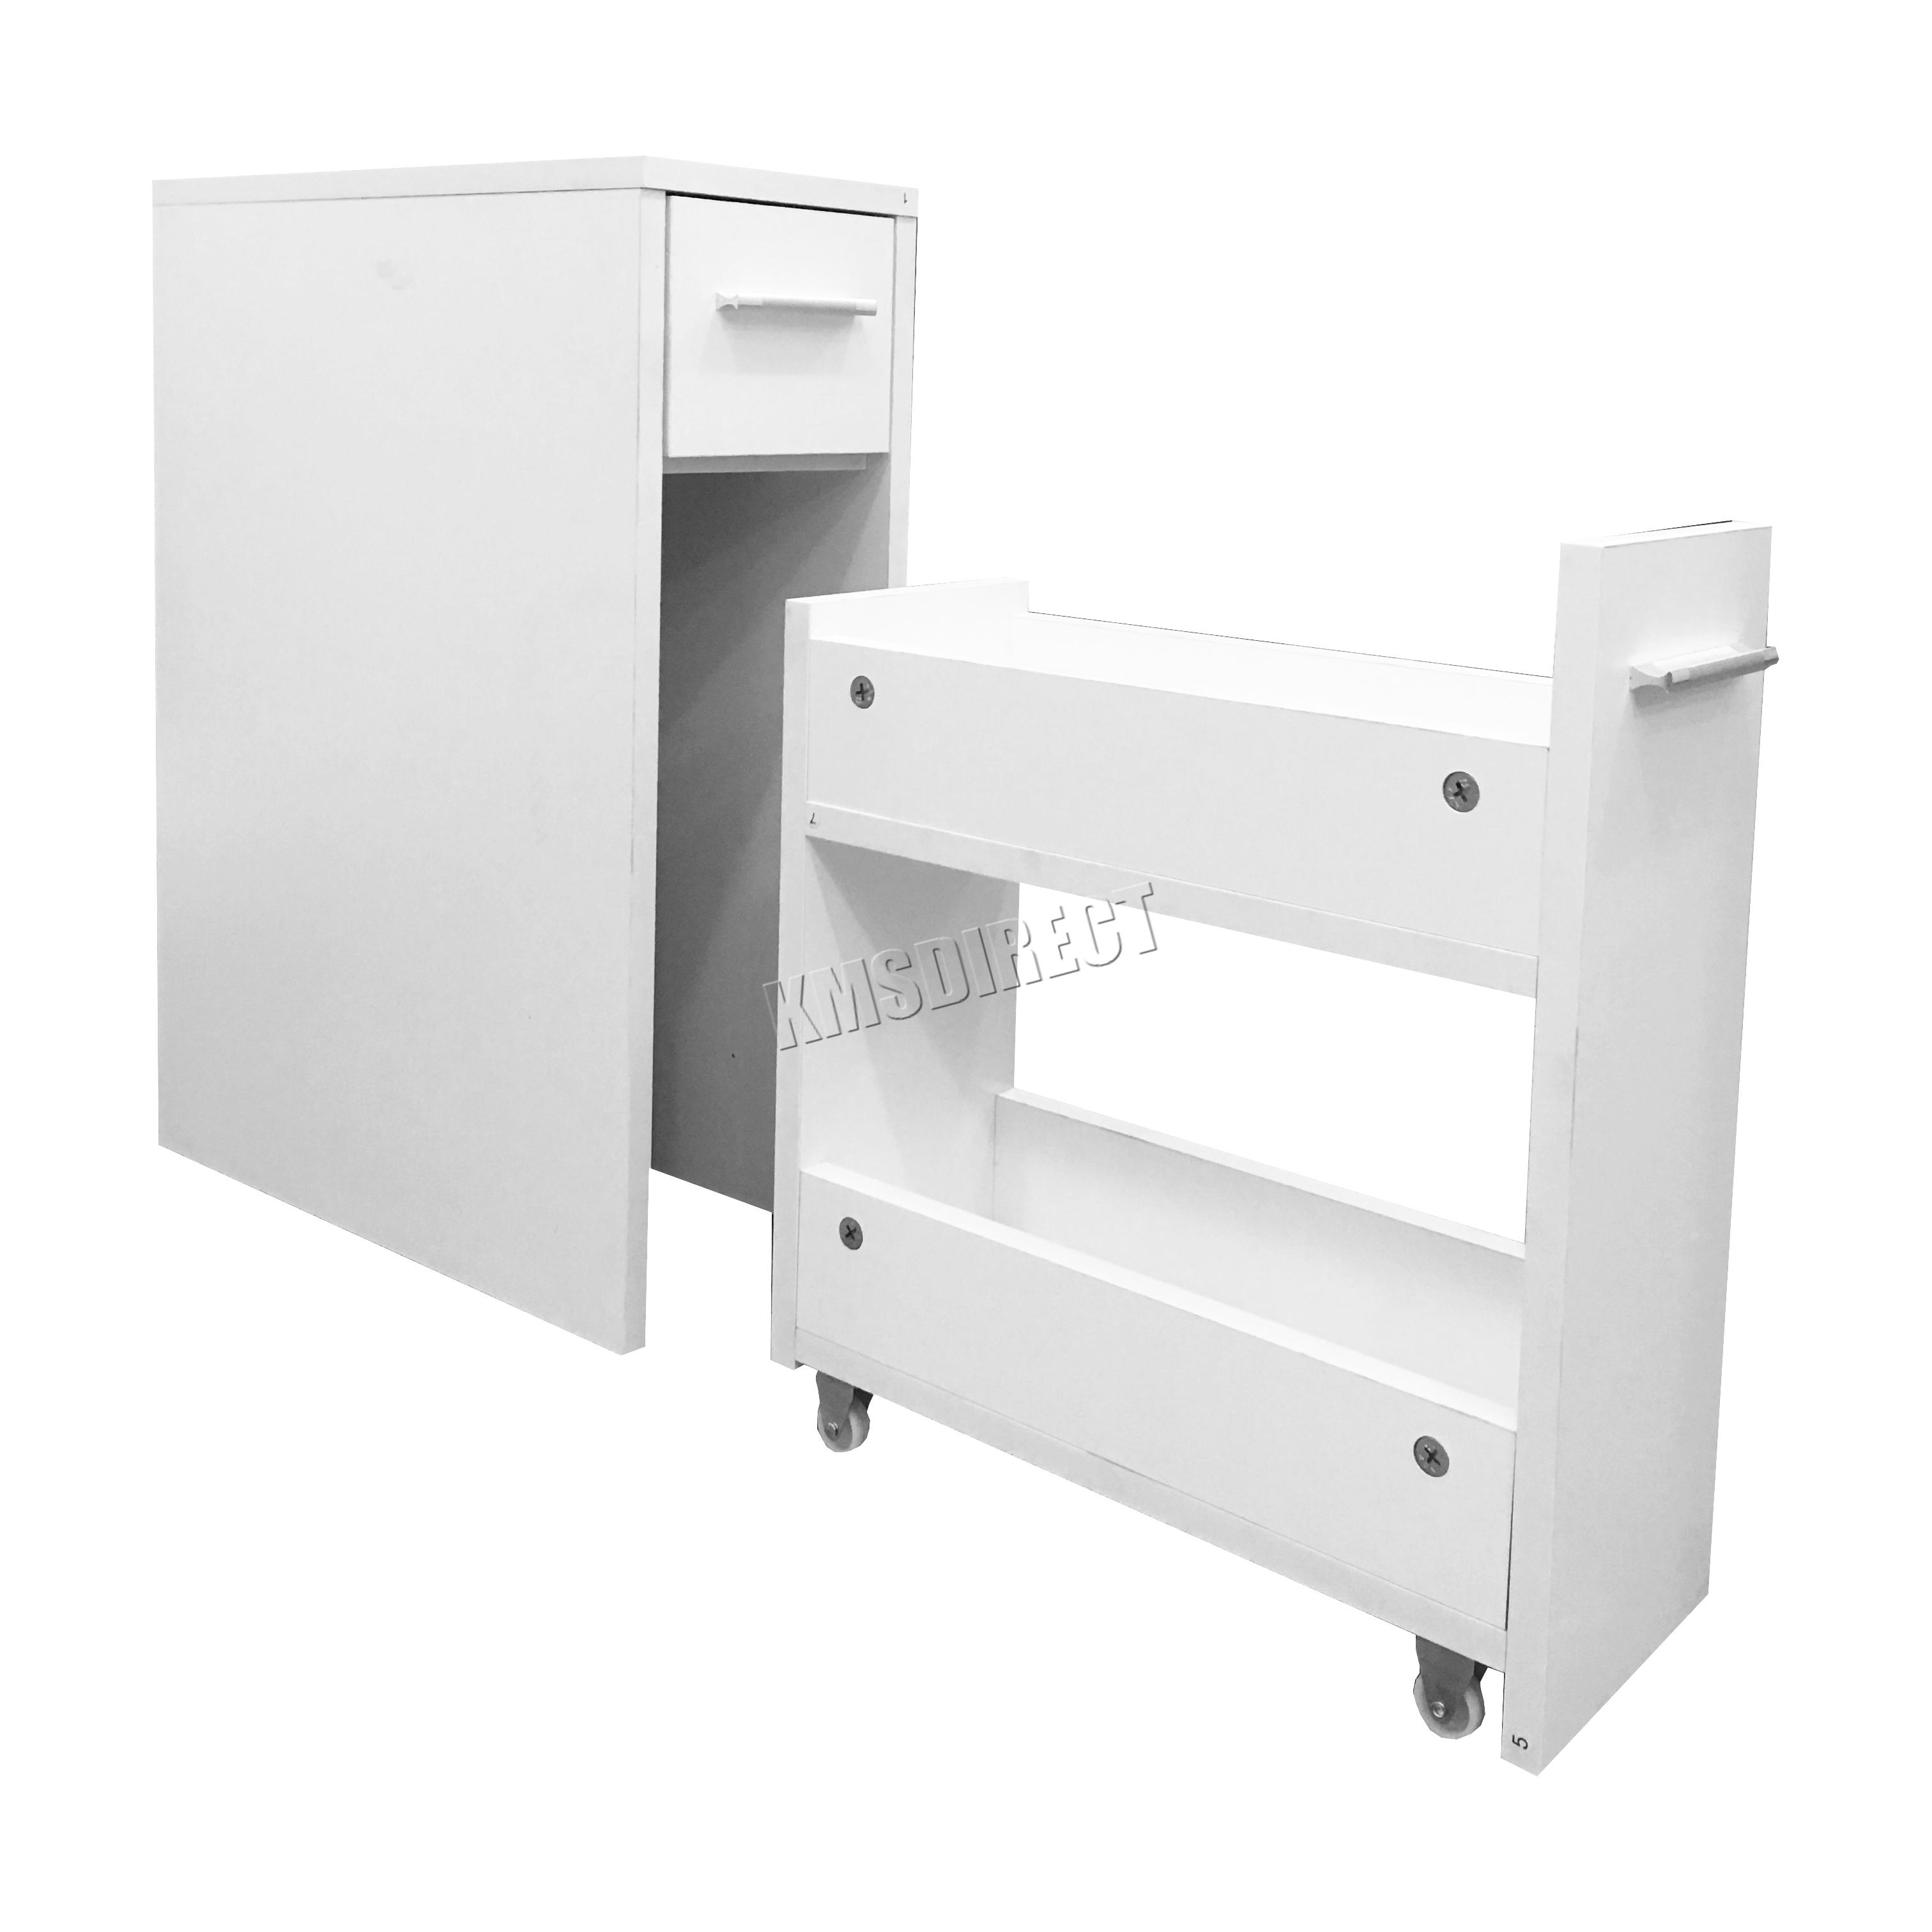 foxhunter bathroom kitchen slide out storage drawer cabinet slim cupboard unit ebay. Black Bedroom Furniture Sets. Home Design Ideas